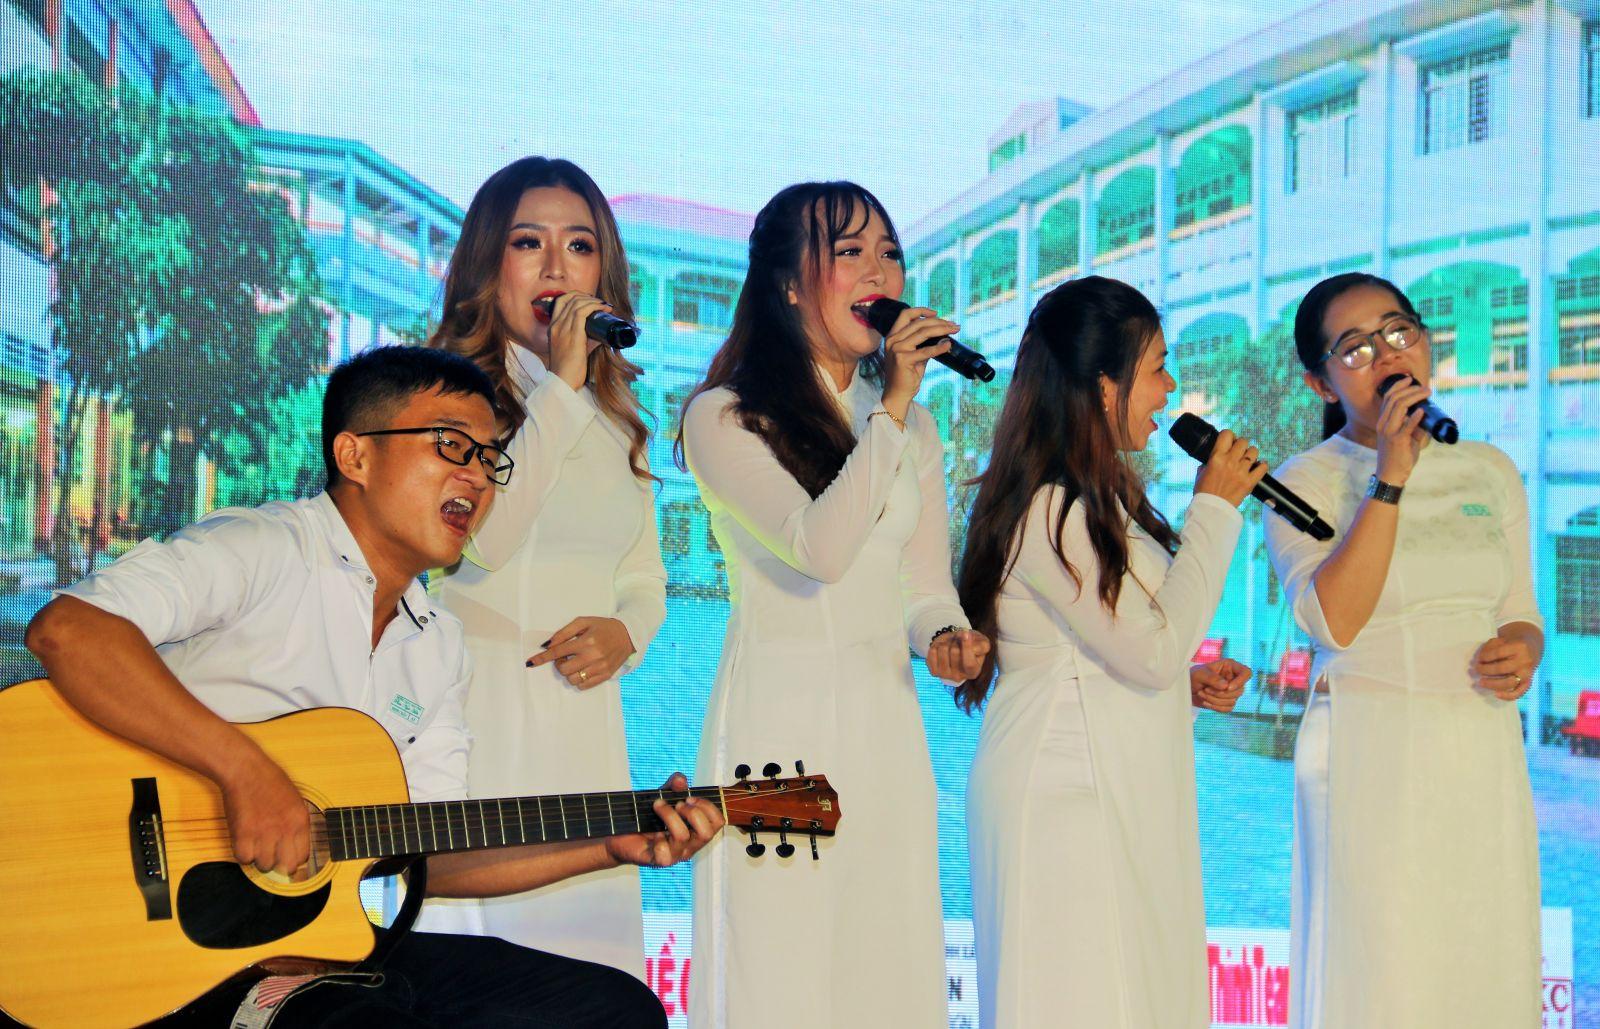 """Các cựu học sinh trong tà áo trắng xúc động hát bài """"Về lại trường xưa""""."""